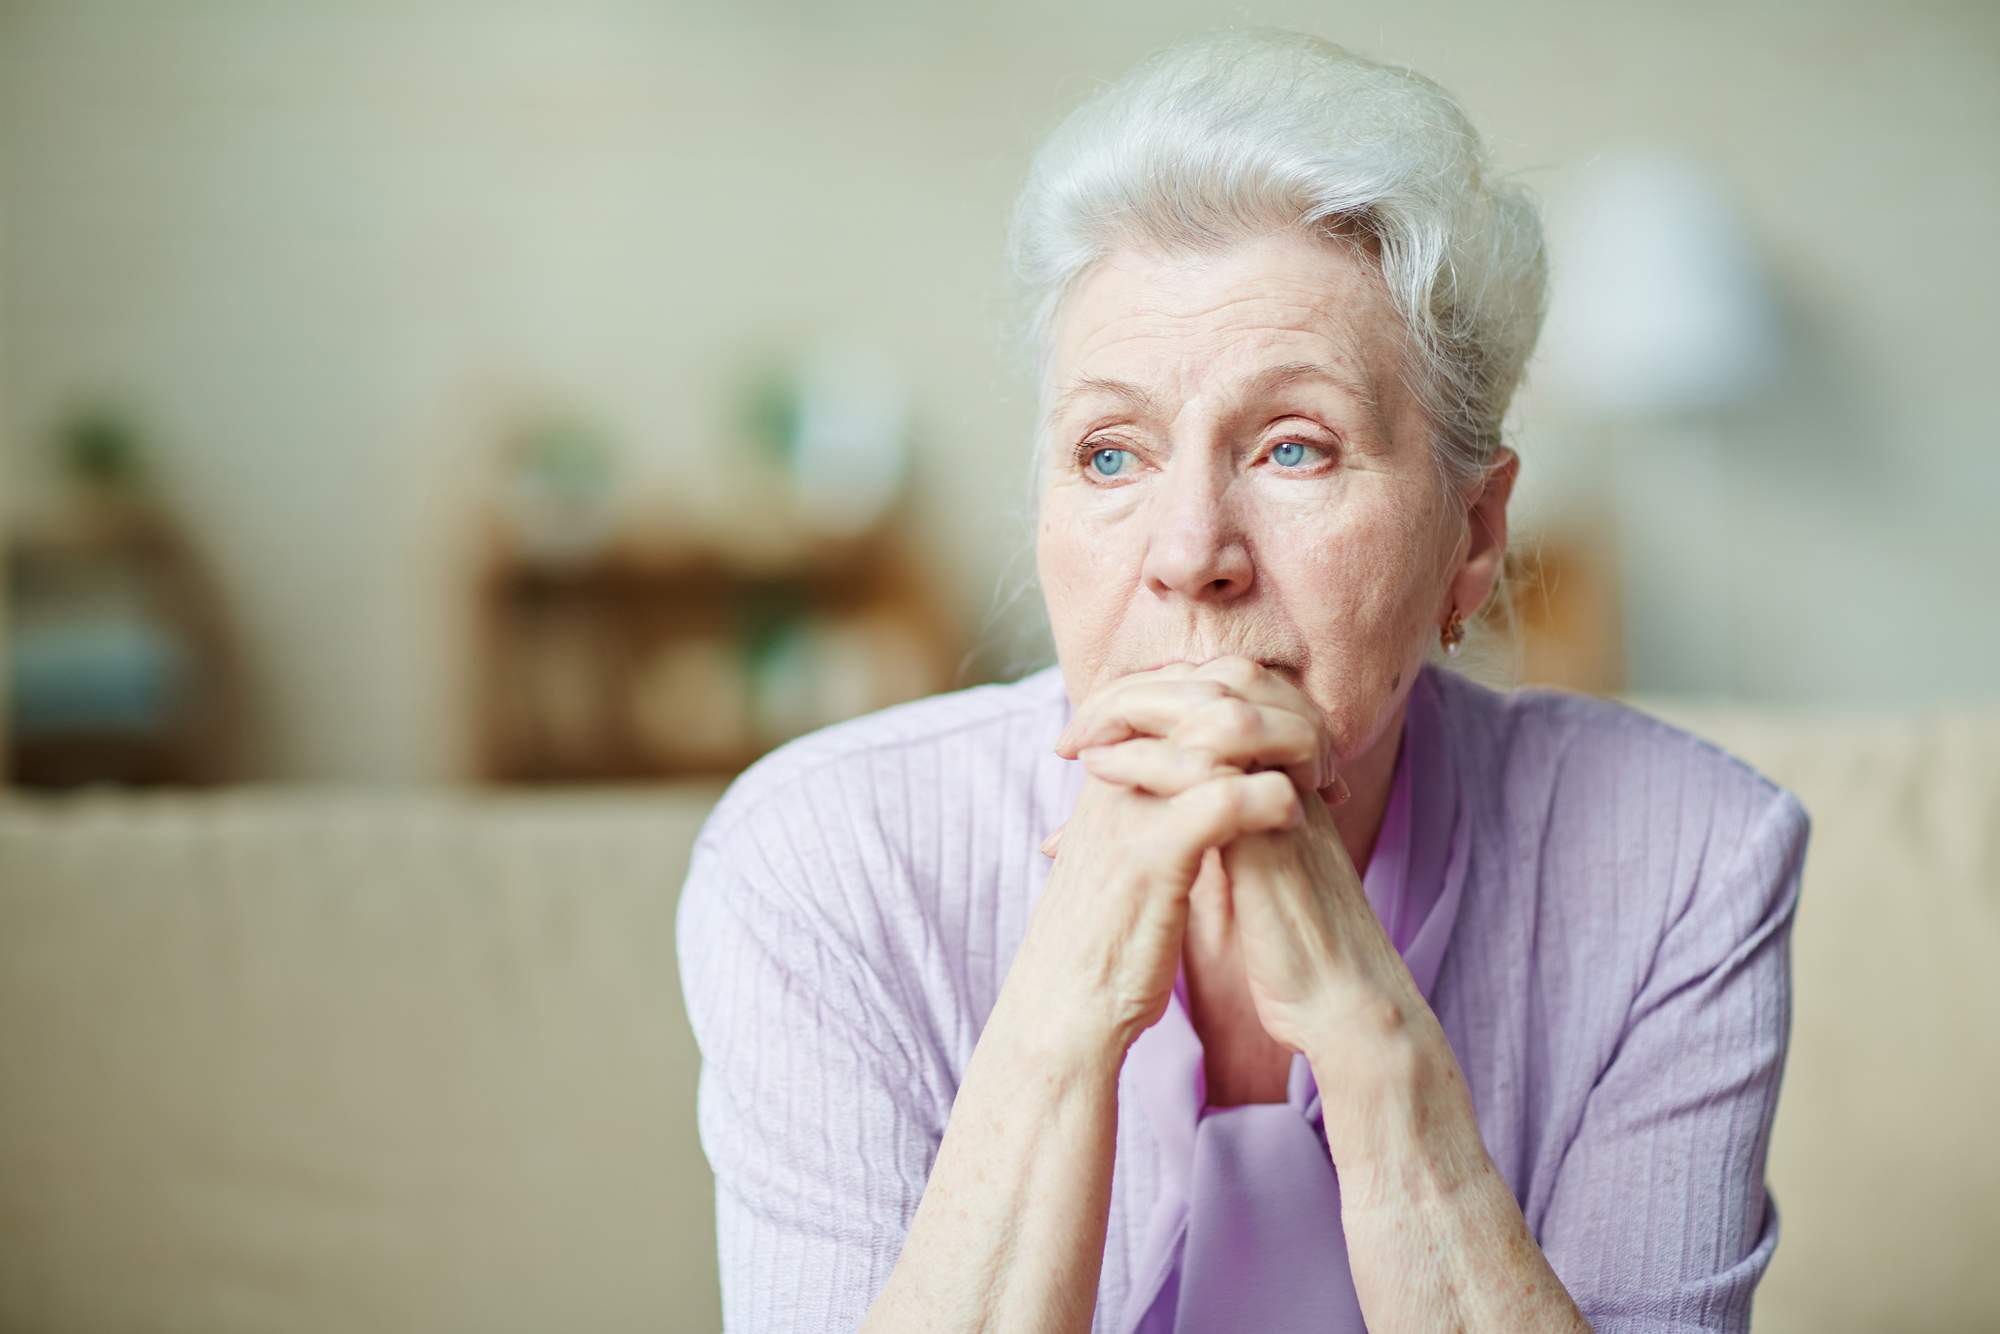 Zumbido afeta todos aspectos da saúde